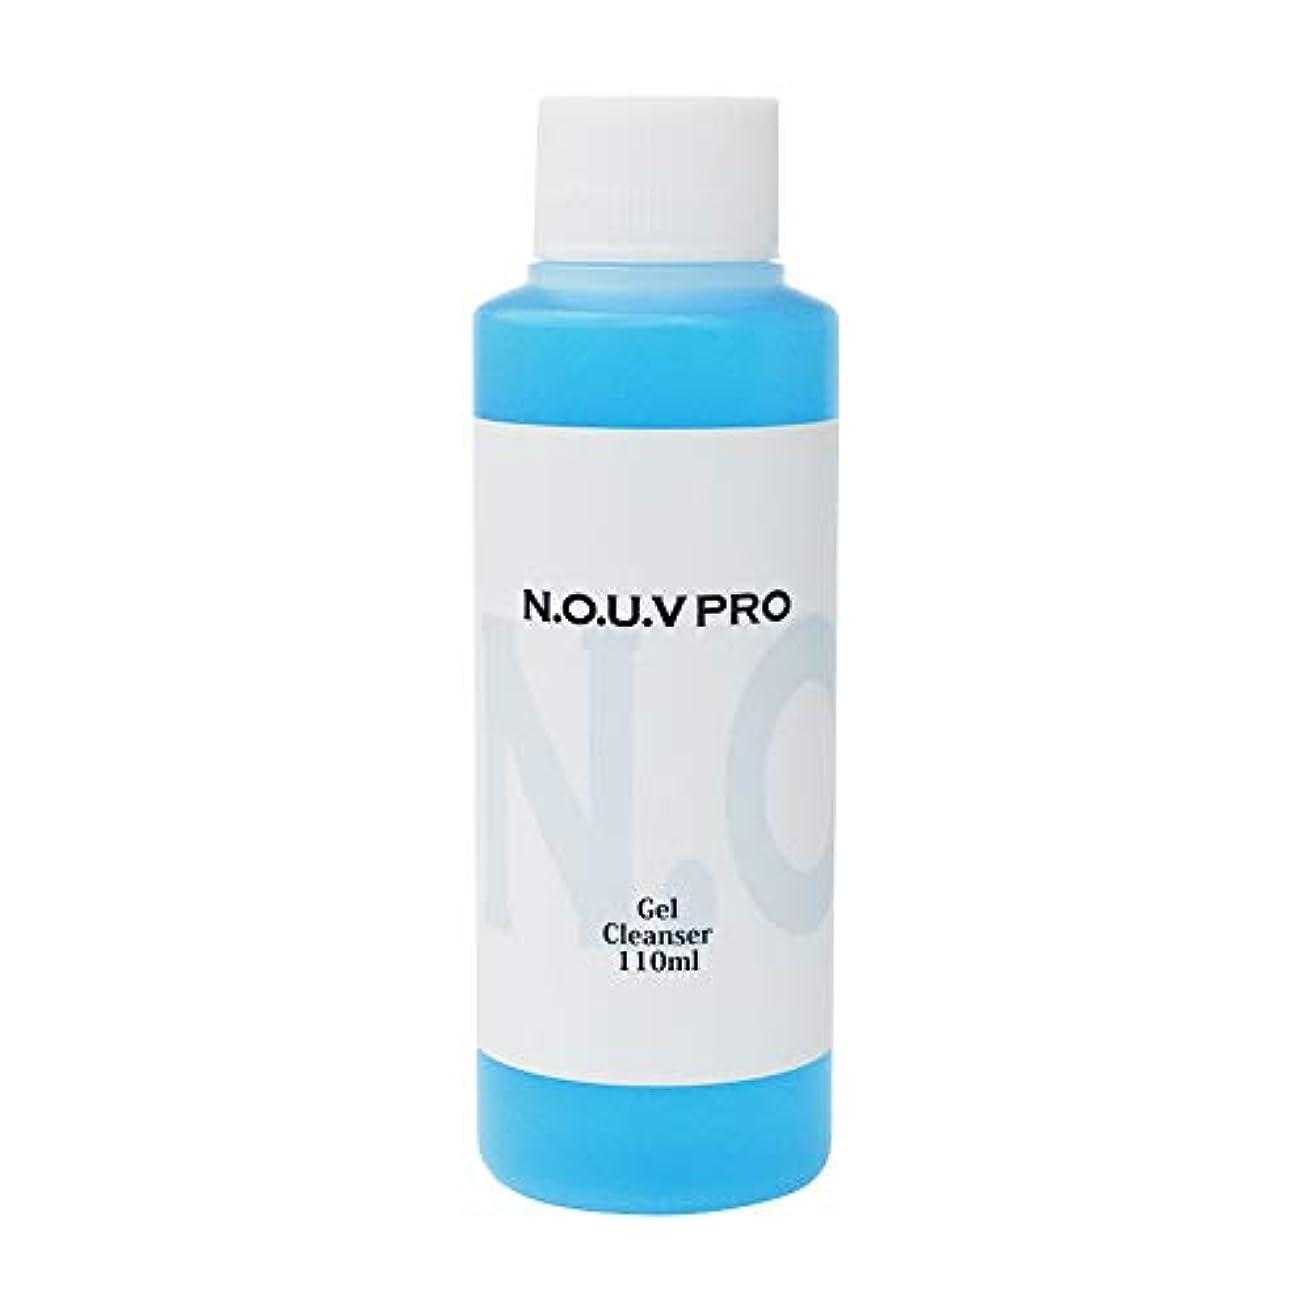 スカイこどもセンター鉄NOUV PRO(ノーヴプロ) ジェルクレンザー 110ml 無香料